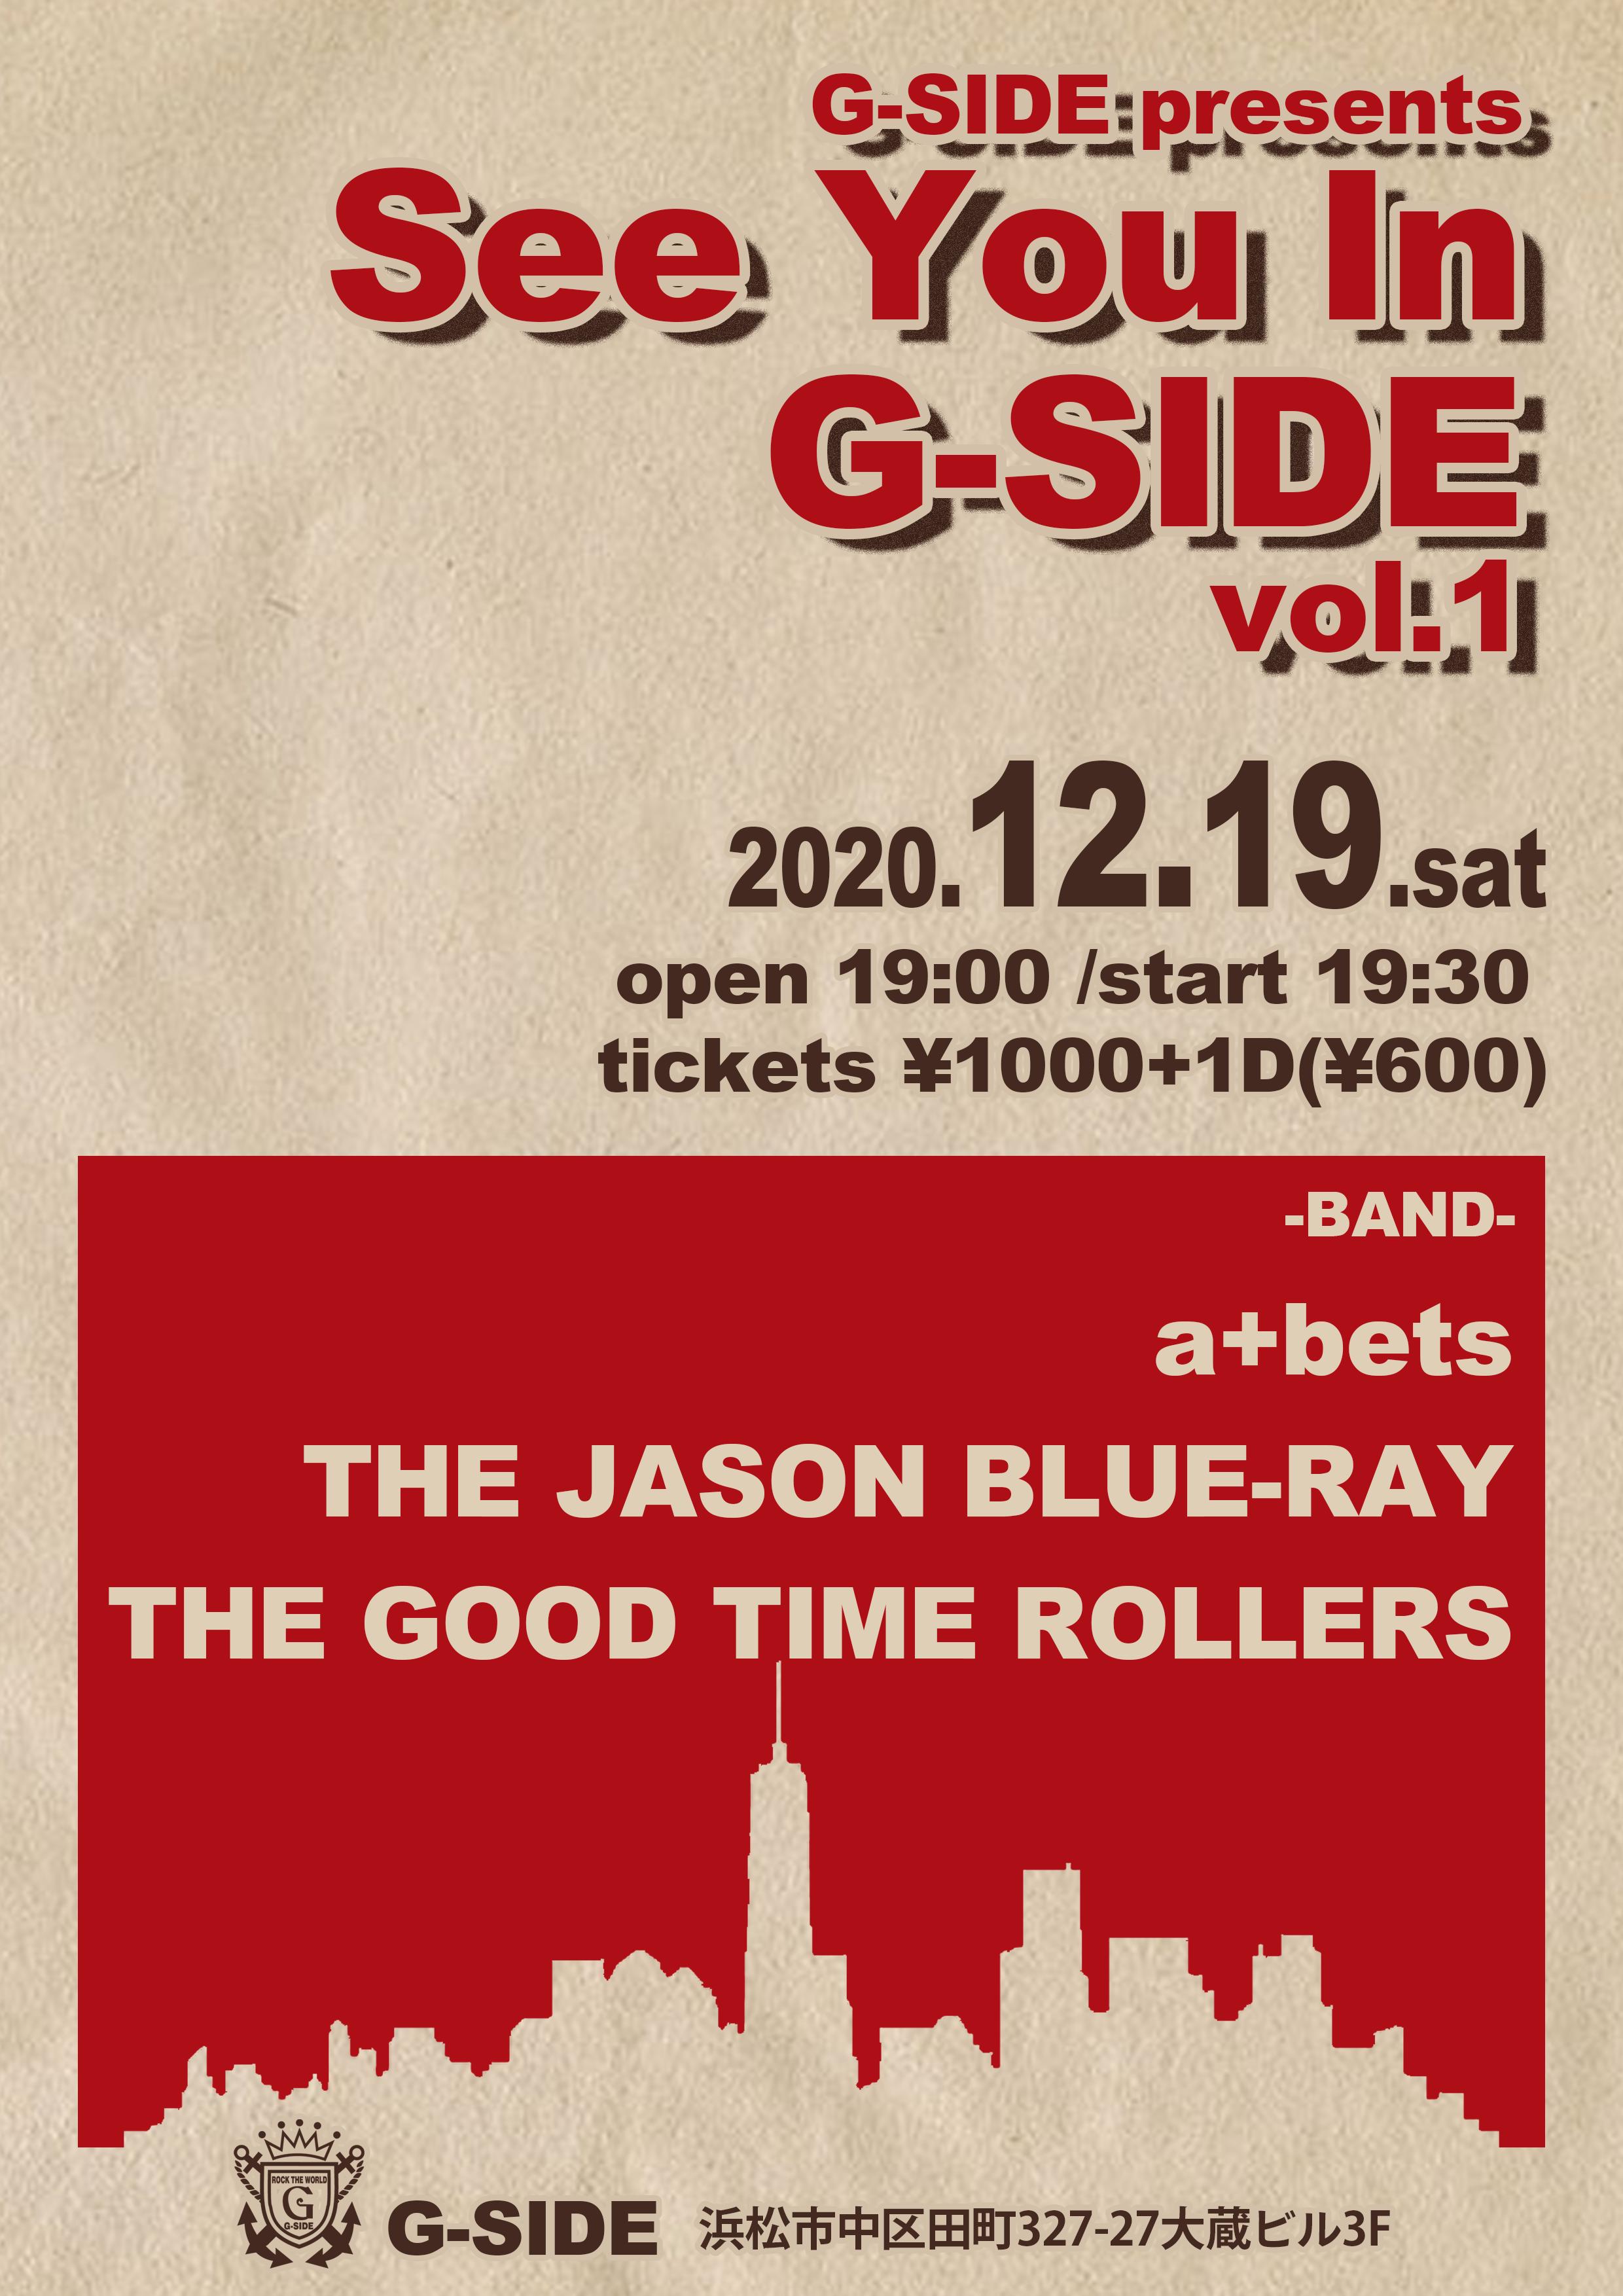 12月19日土曜日G-SIDE presents   See You In G-SIDE vol.1